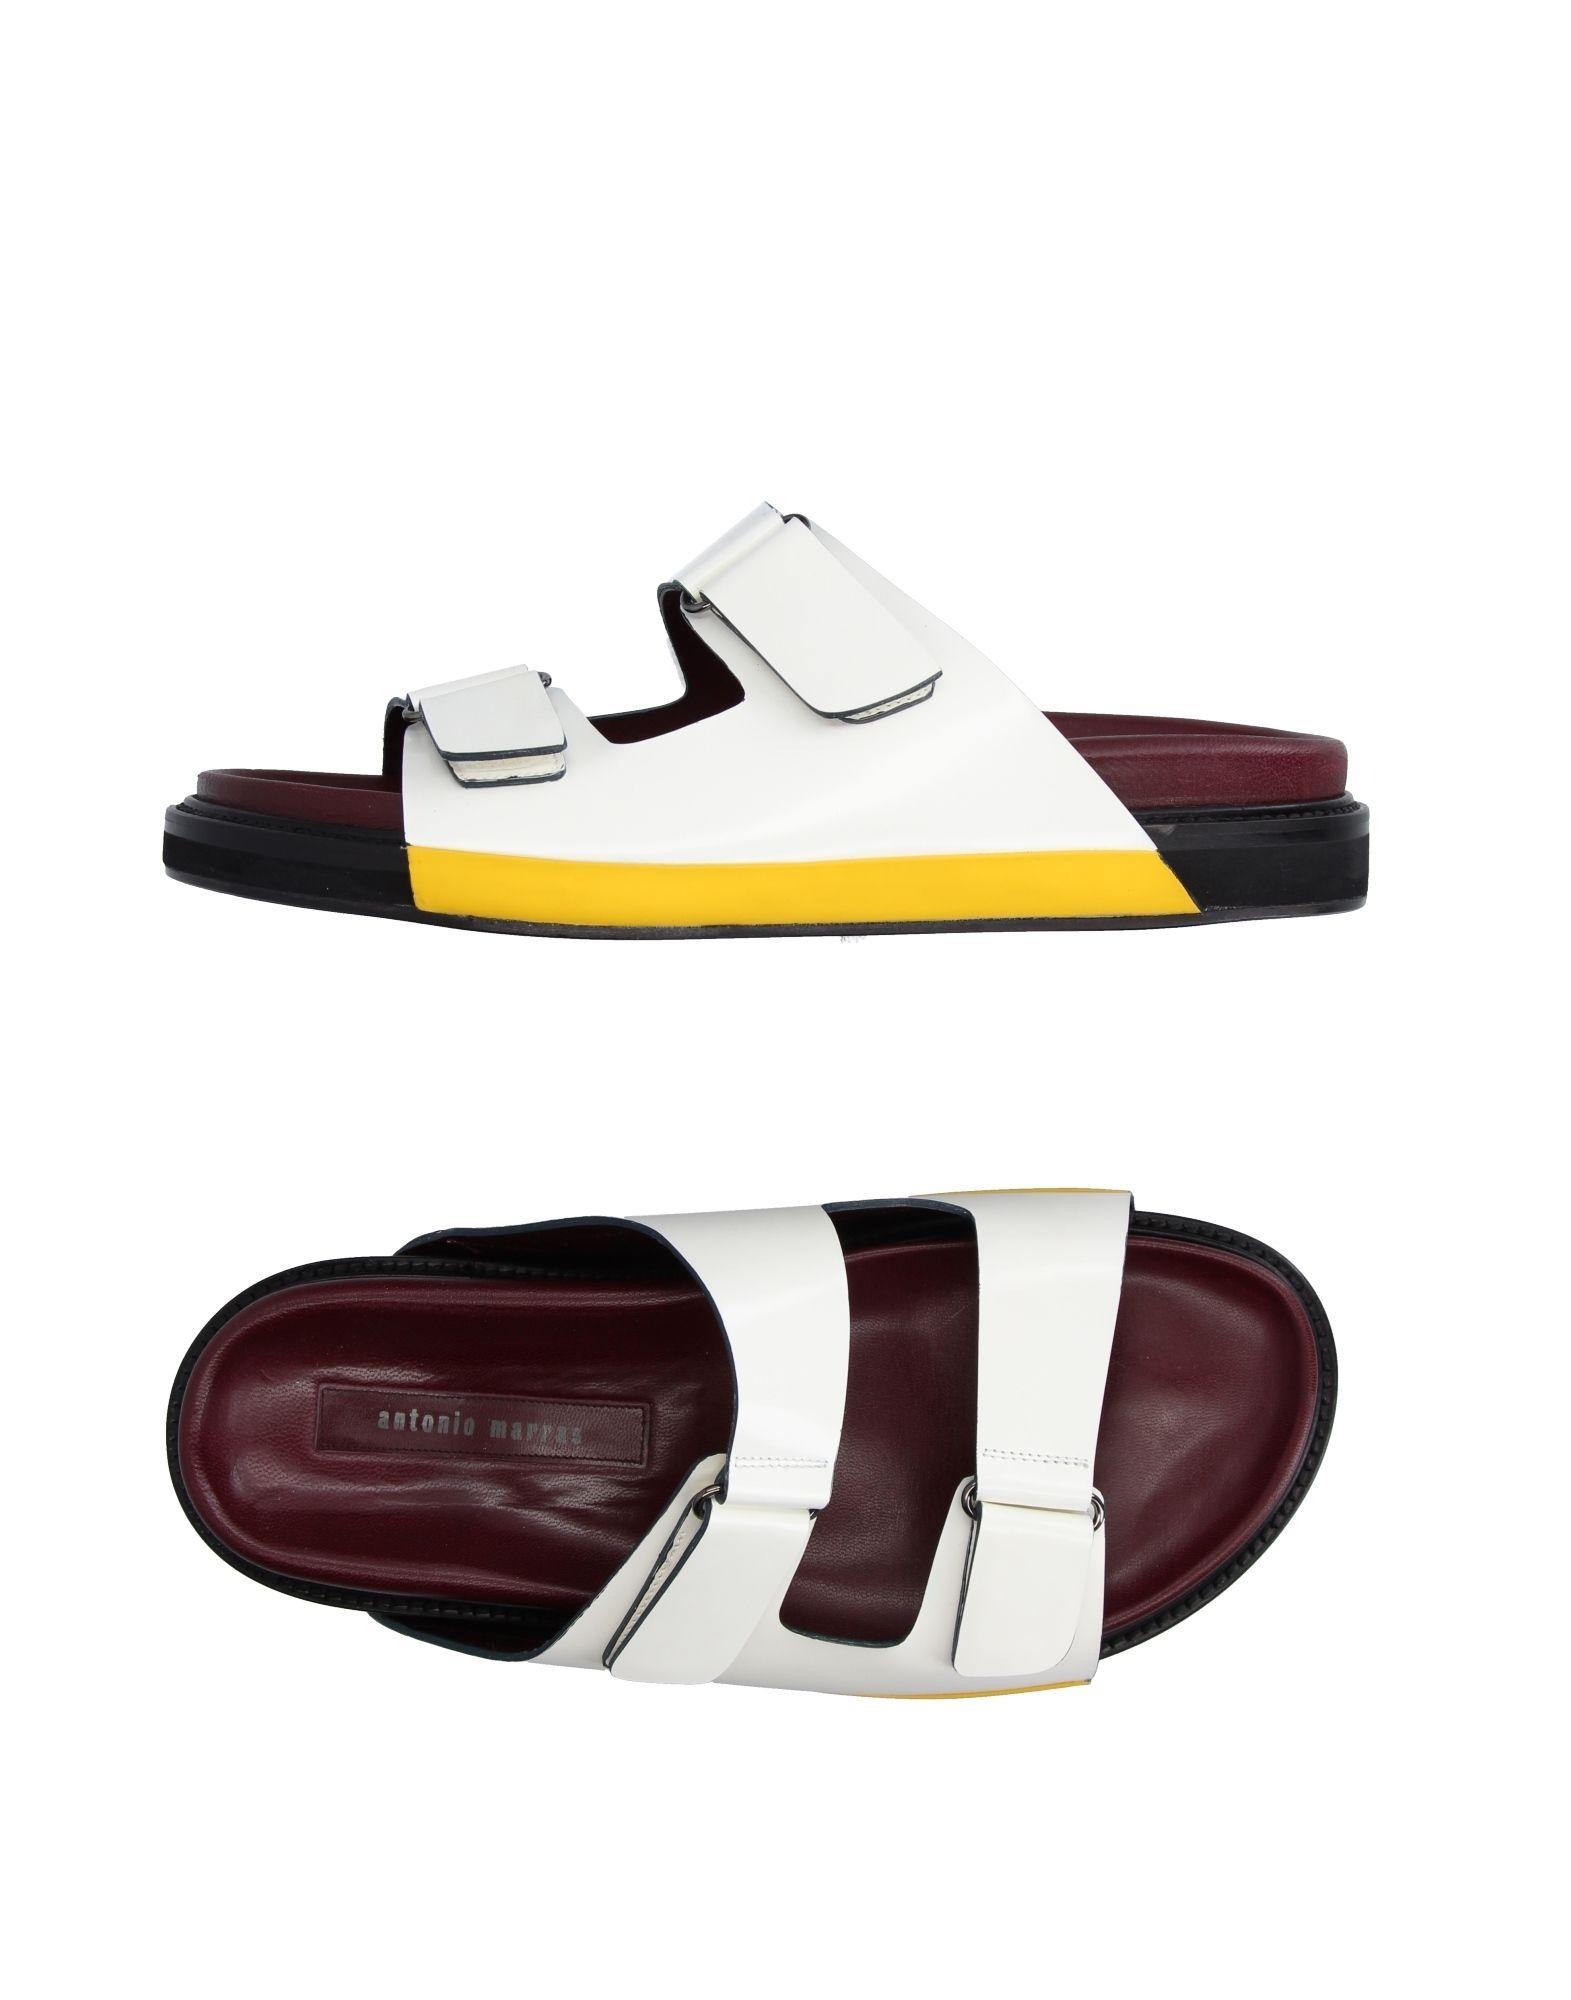 ANTONIO MARRAS + PDO Herren Sandale Farbe Weiß Größe 13